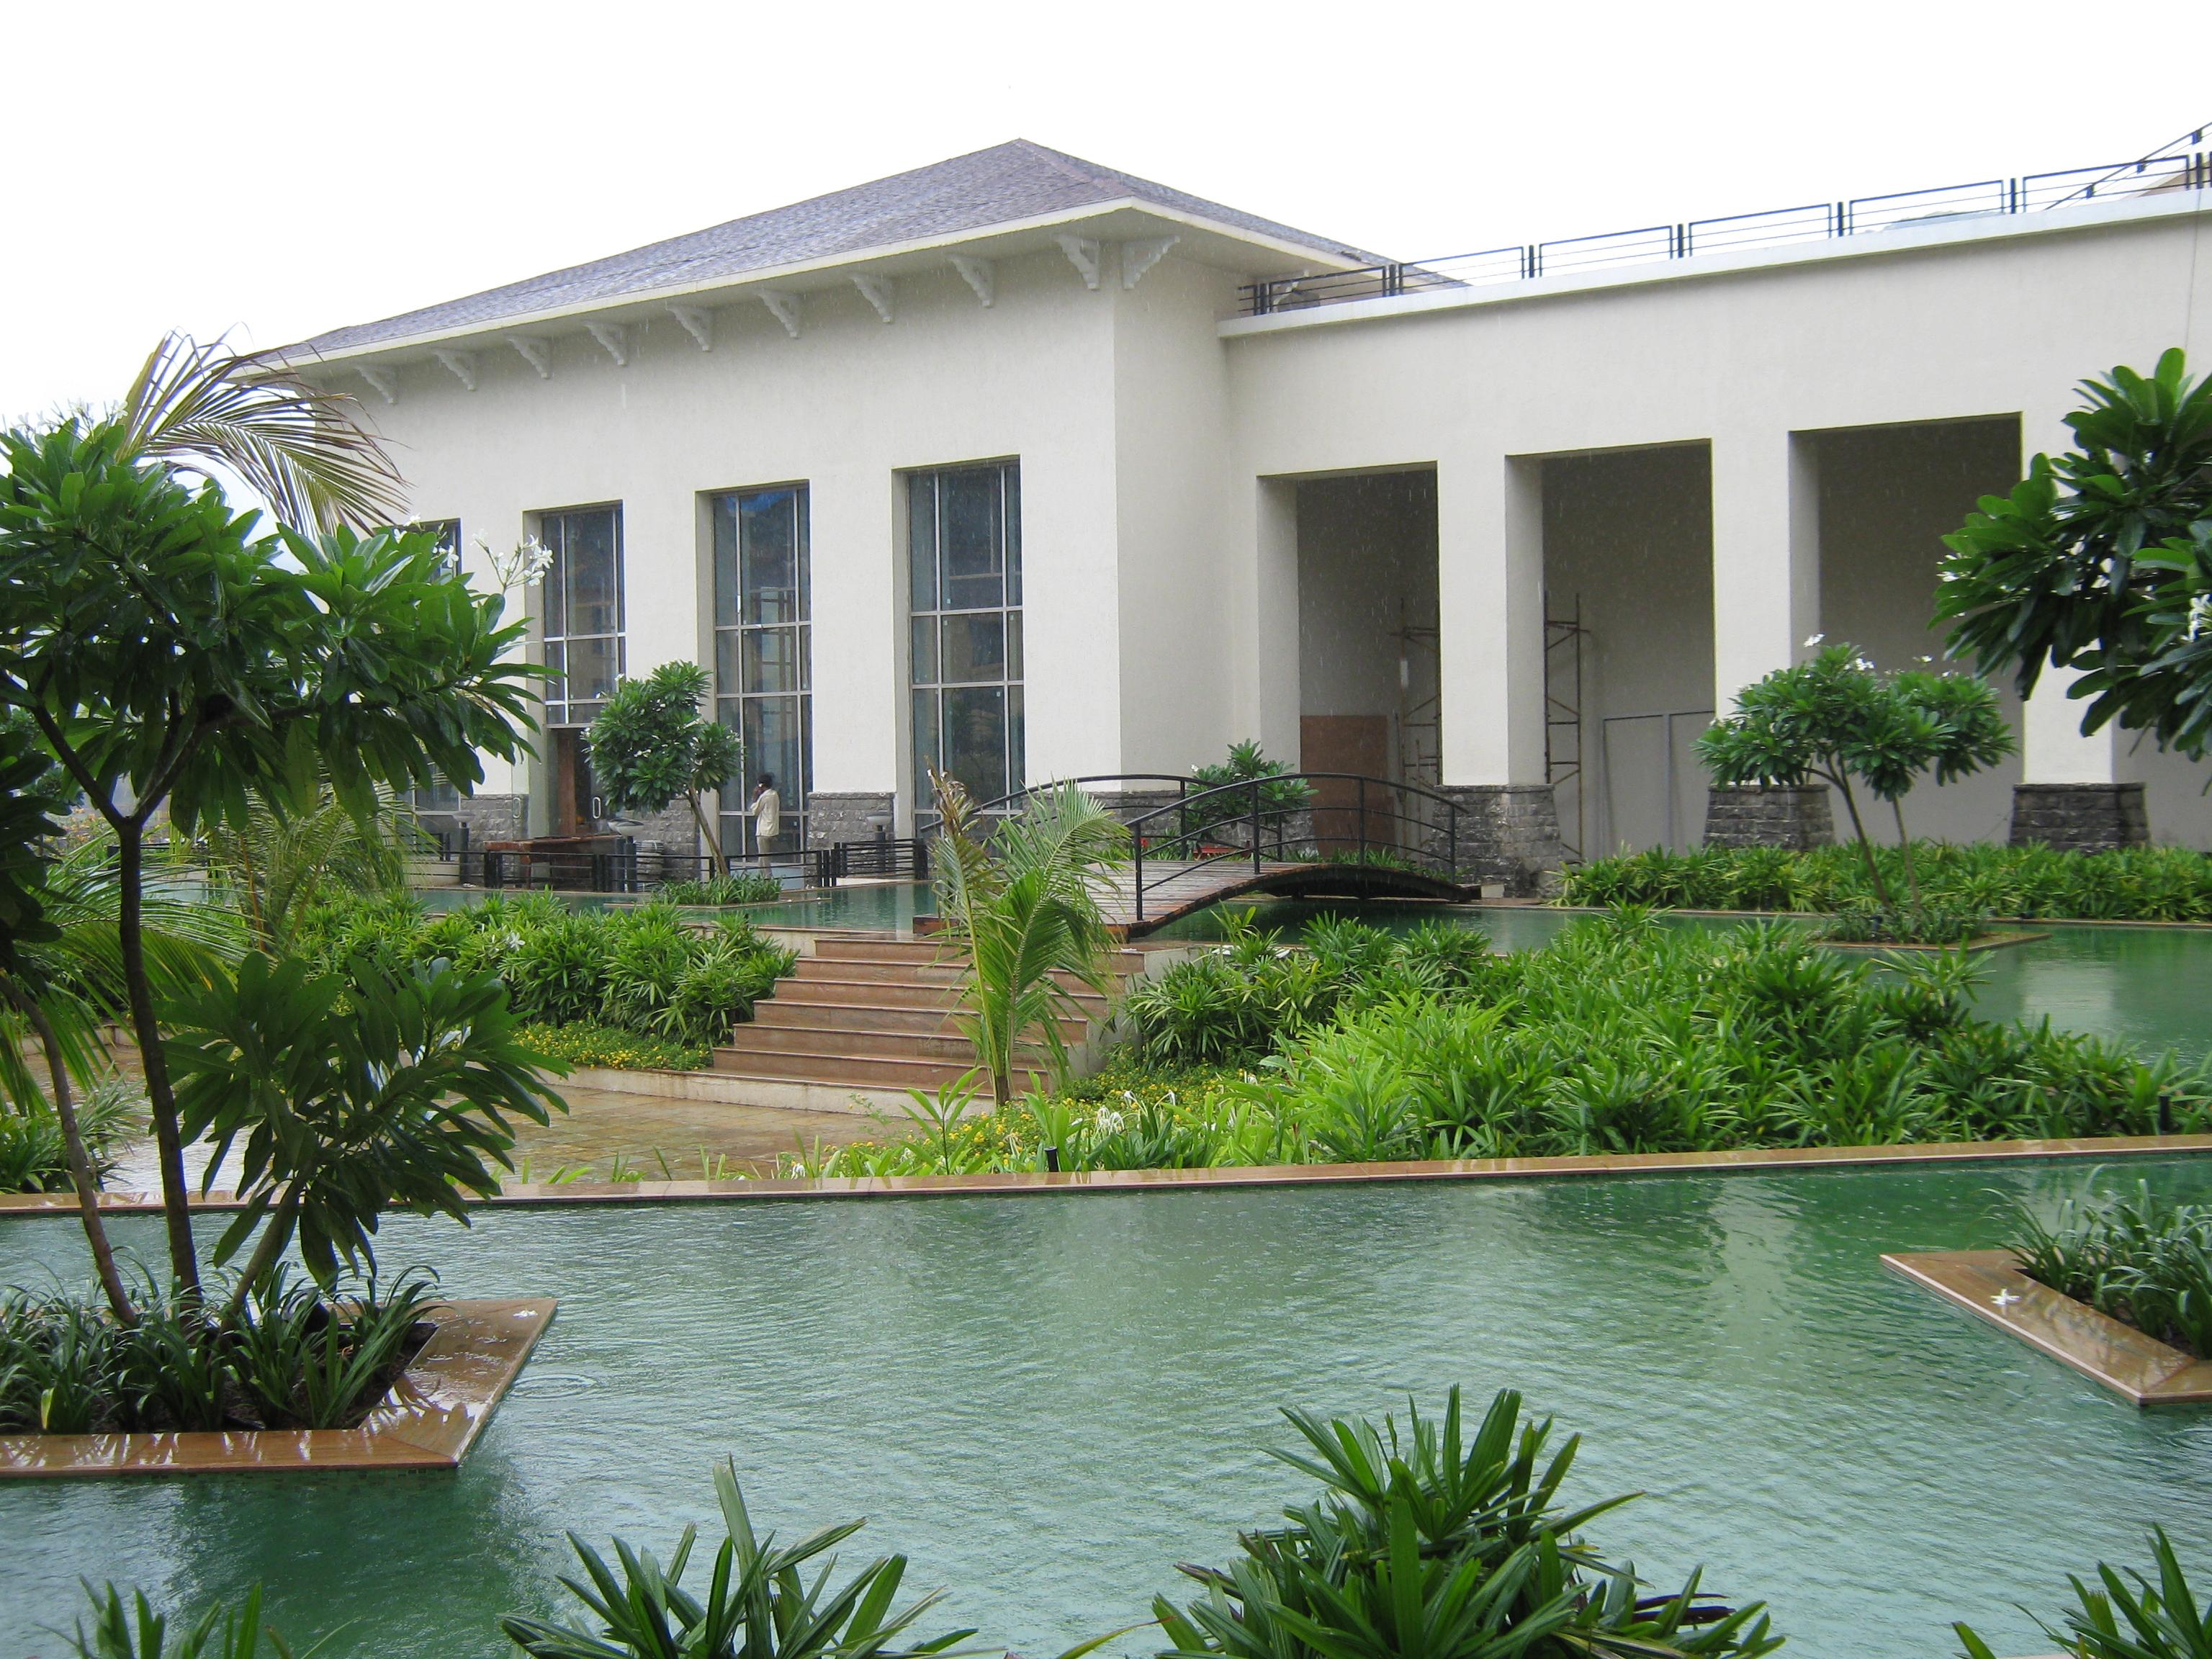 Hoteles de 5 estrellas en Nueva Delhi India, Mejores Hoteles de Lujo y Resorts en la India - Hoteles Jaypee